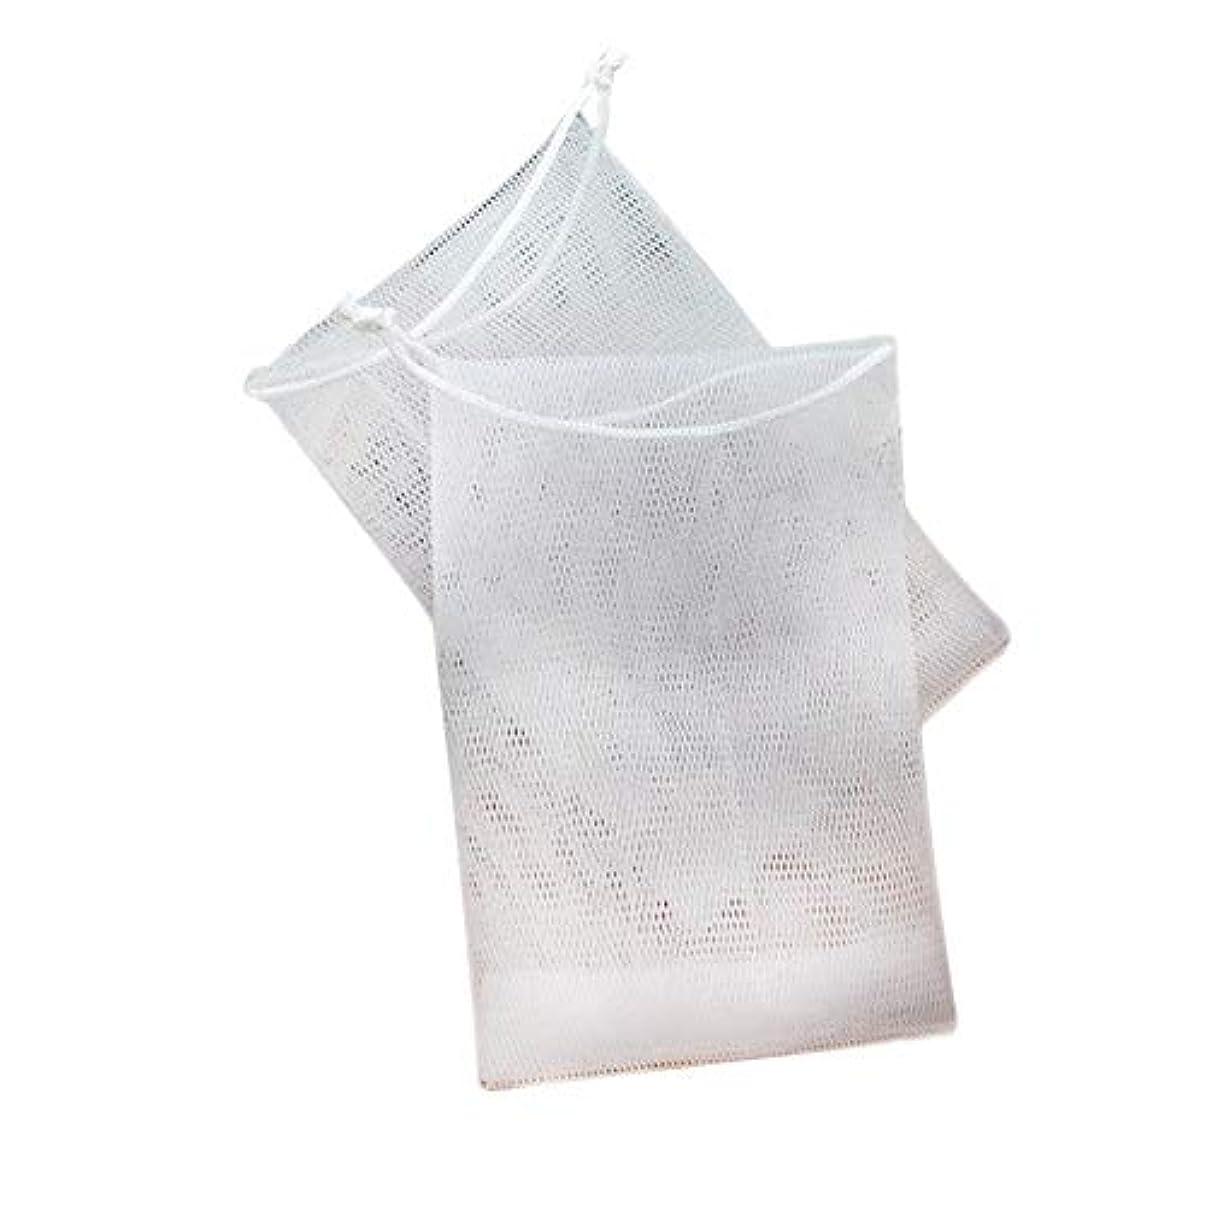 背骨量で贅沢な石鹸の袋の網のドローストリング袋は ハンドメイドの石鹸の泡泡ネットメーカーのために掛けることができます 12×9cm